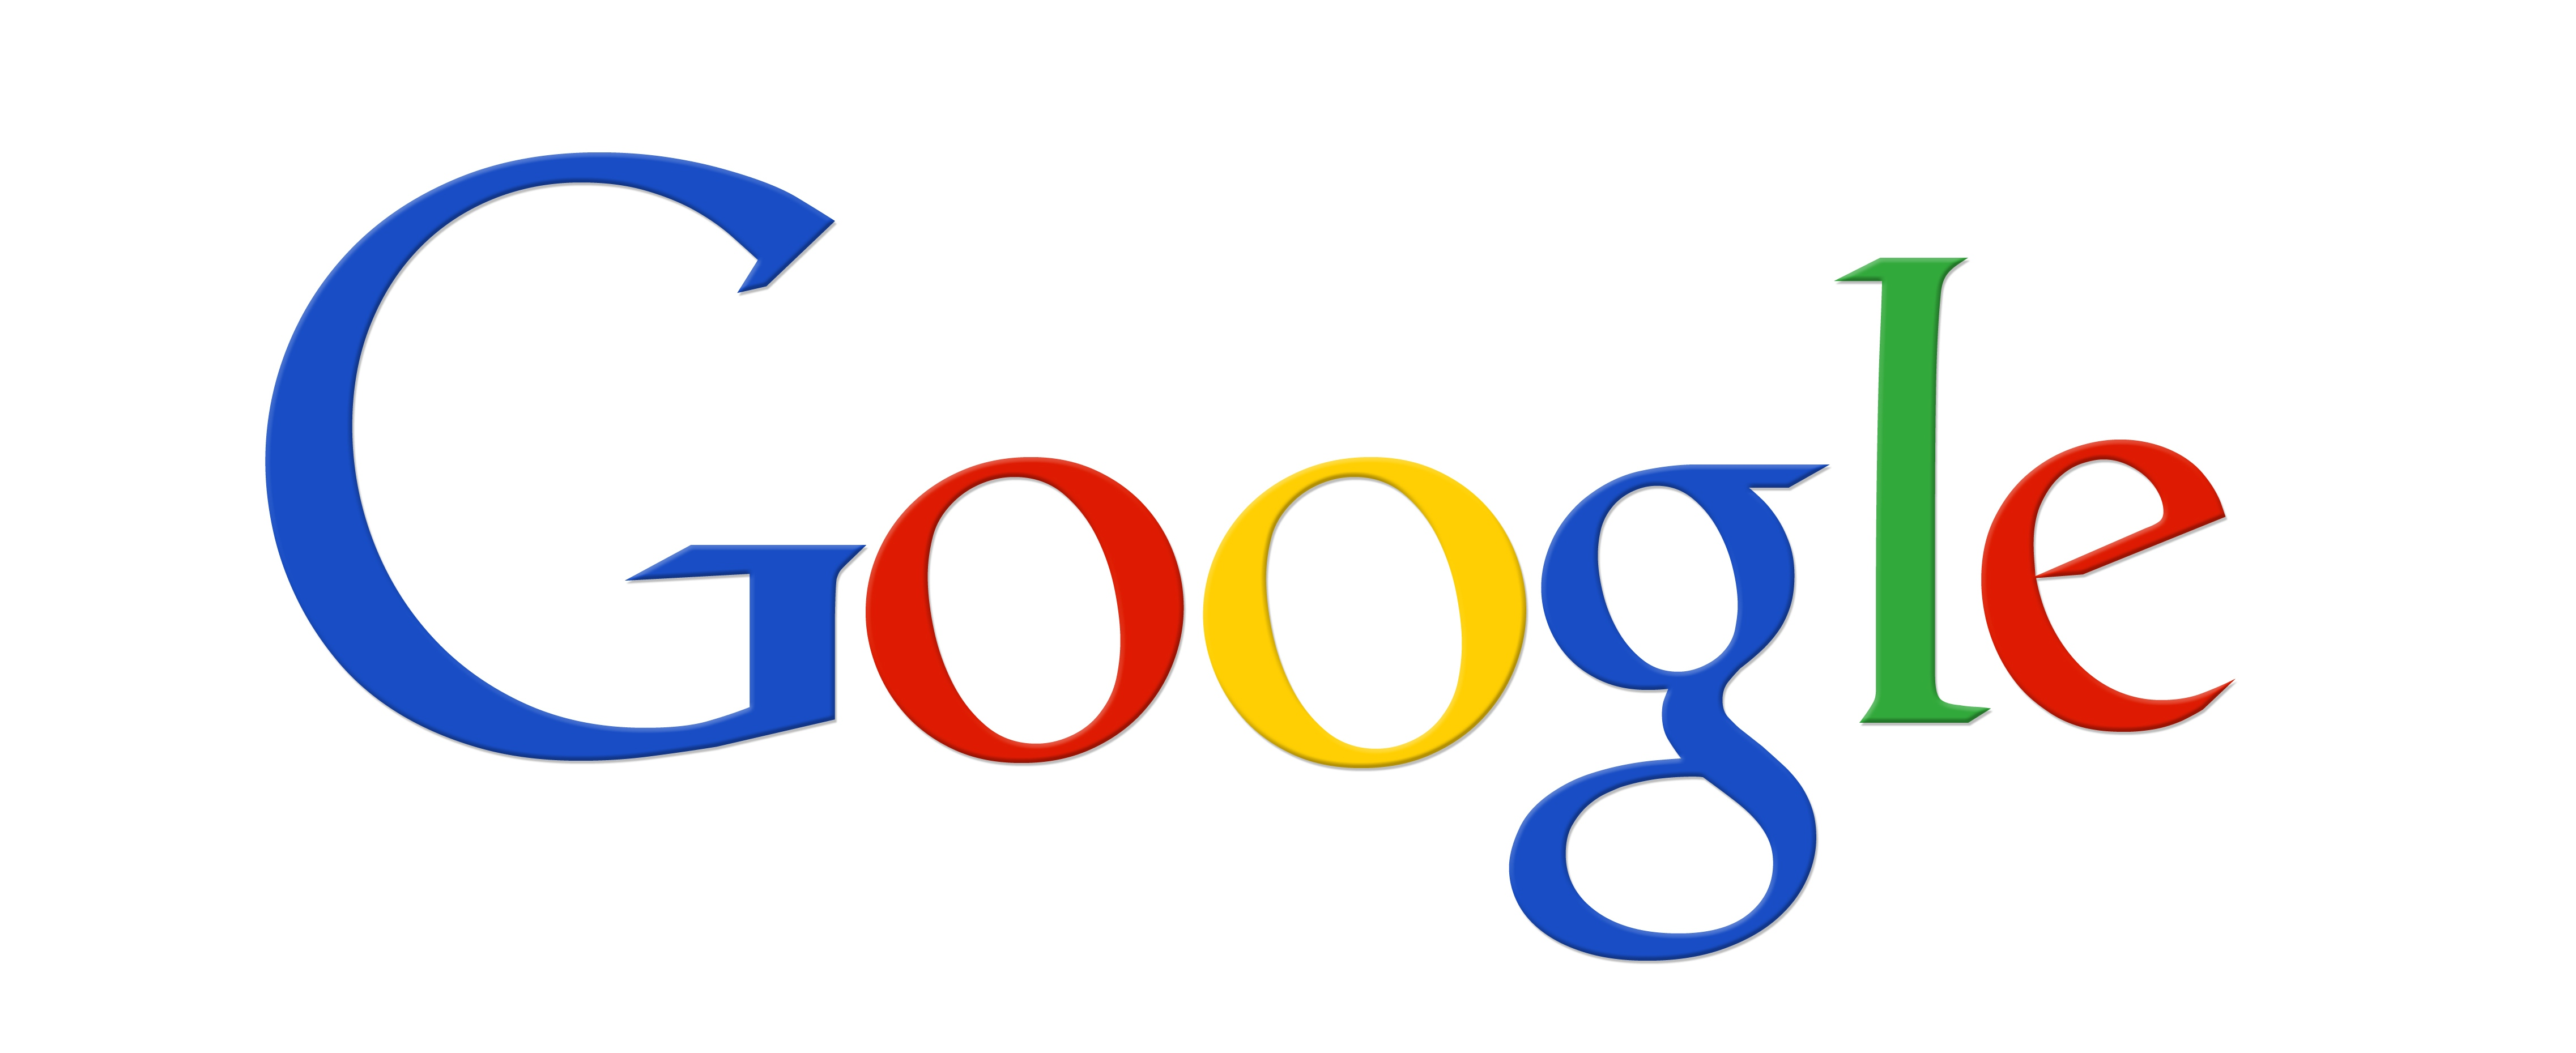 zoekresultaten uit google verwijderen geelkerken